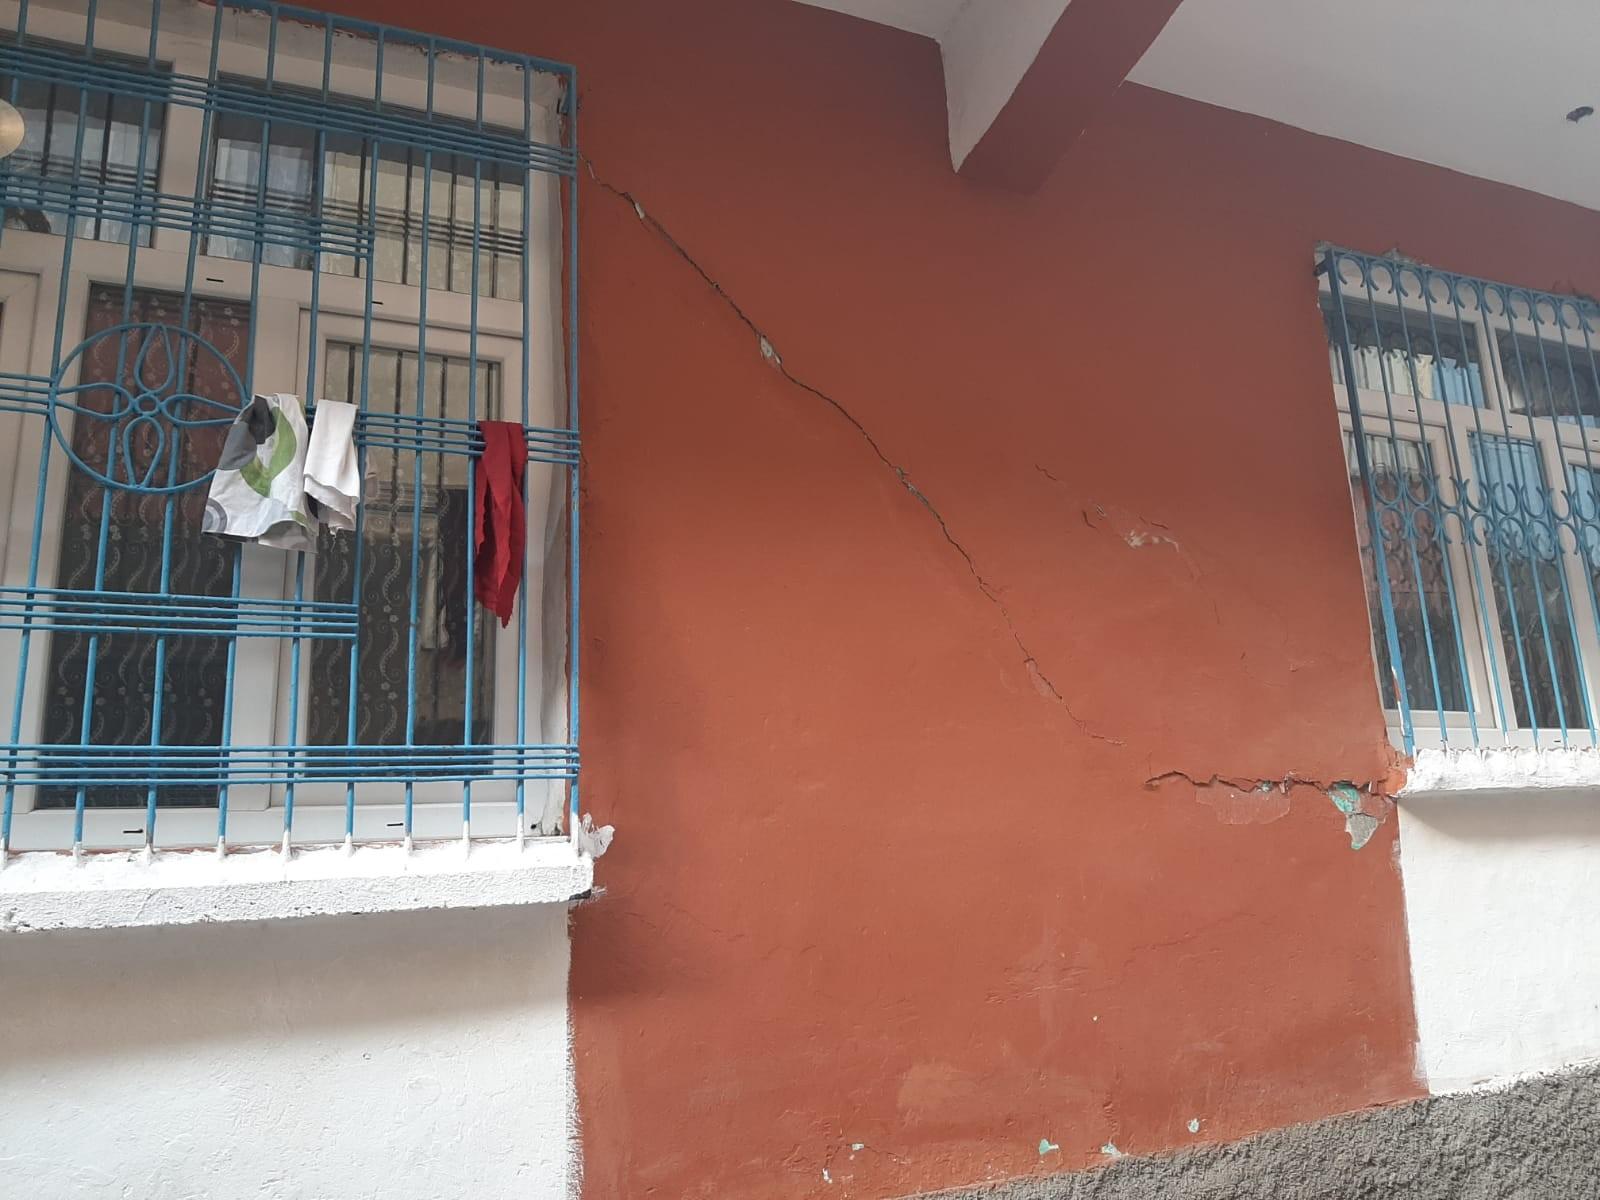 Bağlar'da 30'a yakın yapıda hasar tespit edildi, bir bina boşaltıldı